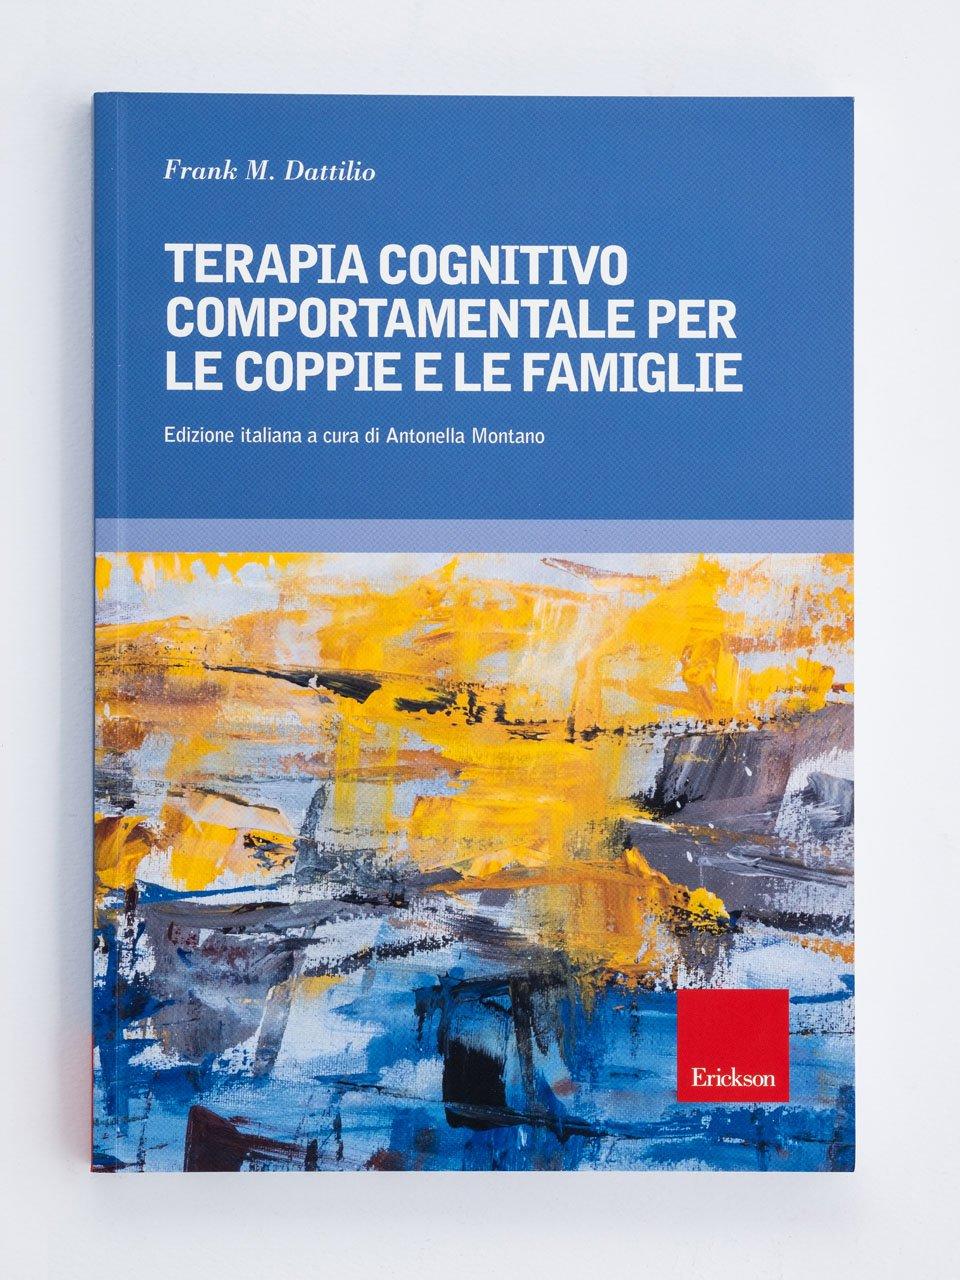 Terapia cognitivo comportamentale per le coppie e le famiglie - Quando il narcisismo è patologico - Erickson